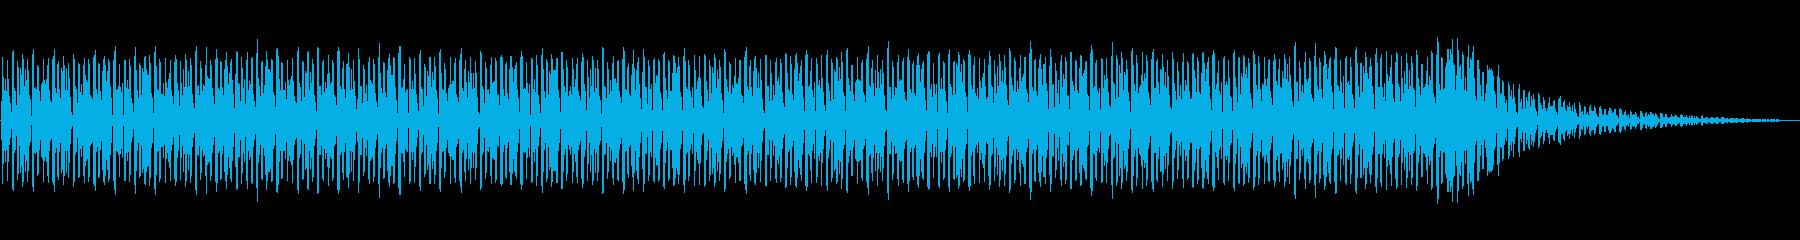 プログレッシブハウス。シンプル。基...の再生済みの波形